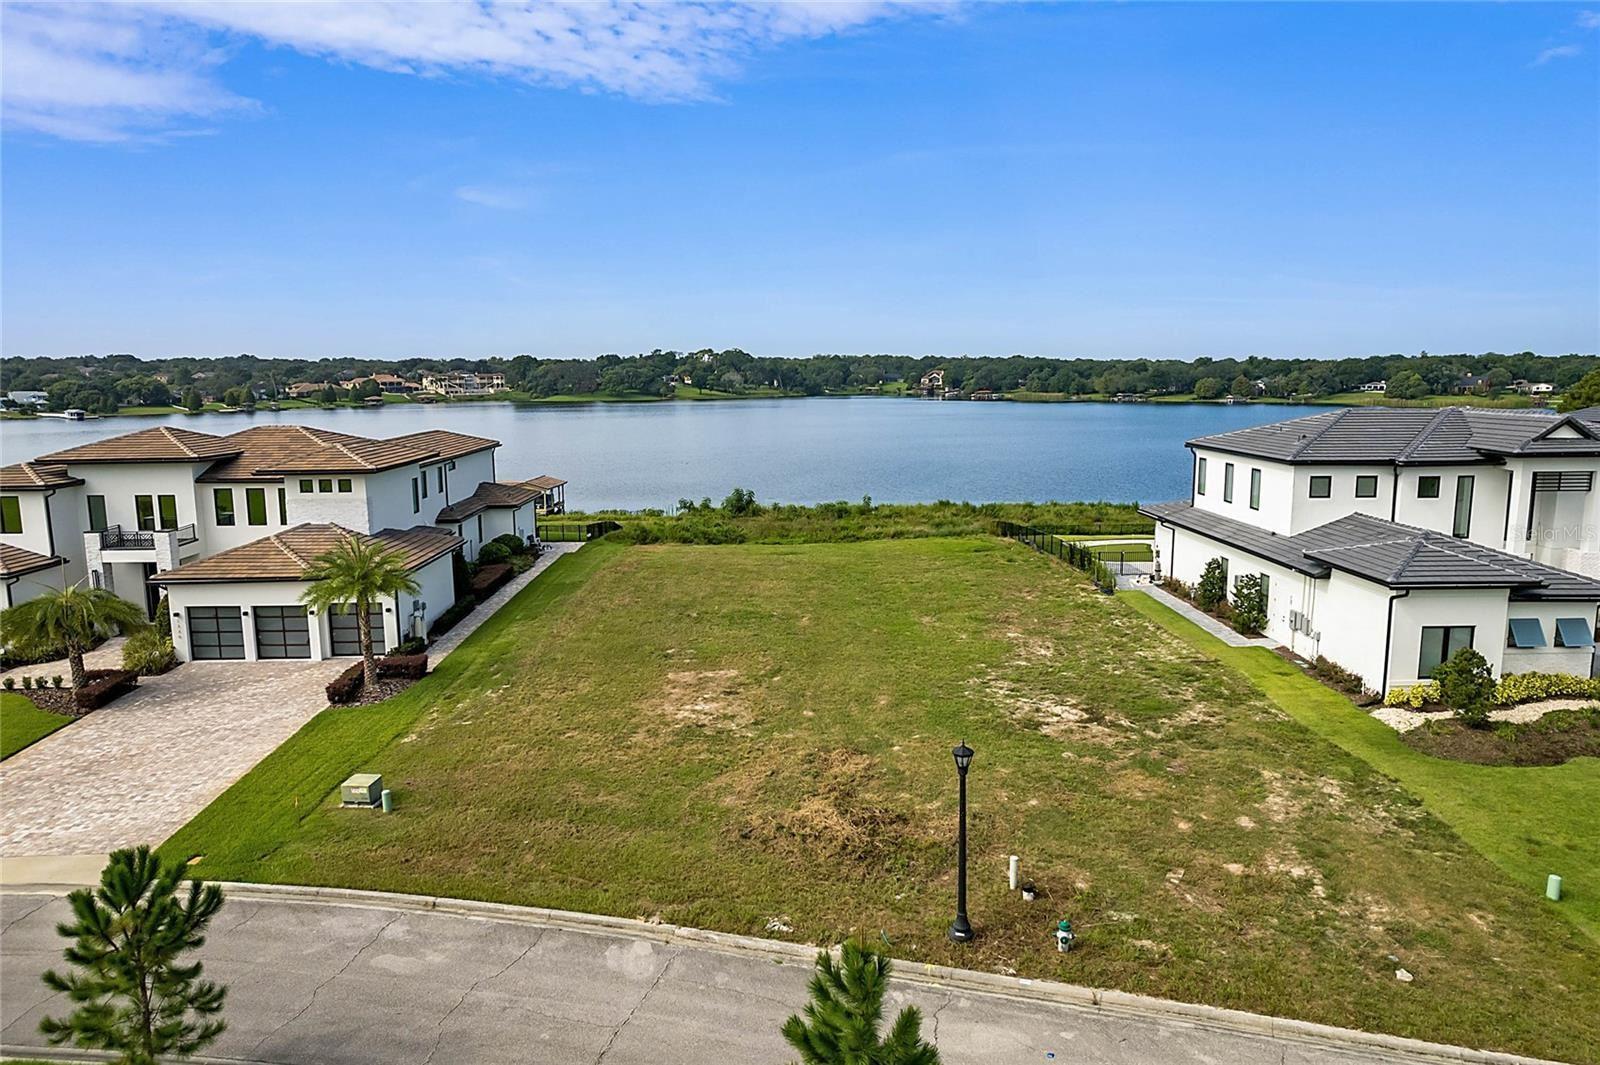 Photo of 1330 LAKE OLIVIA LANE, WINDERMERE, FL 34786 (MLS # O5970174)